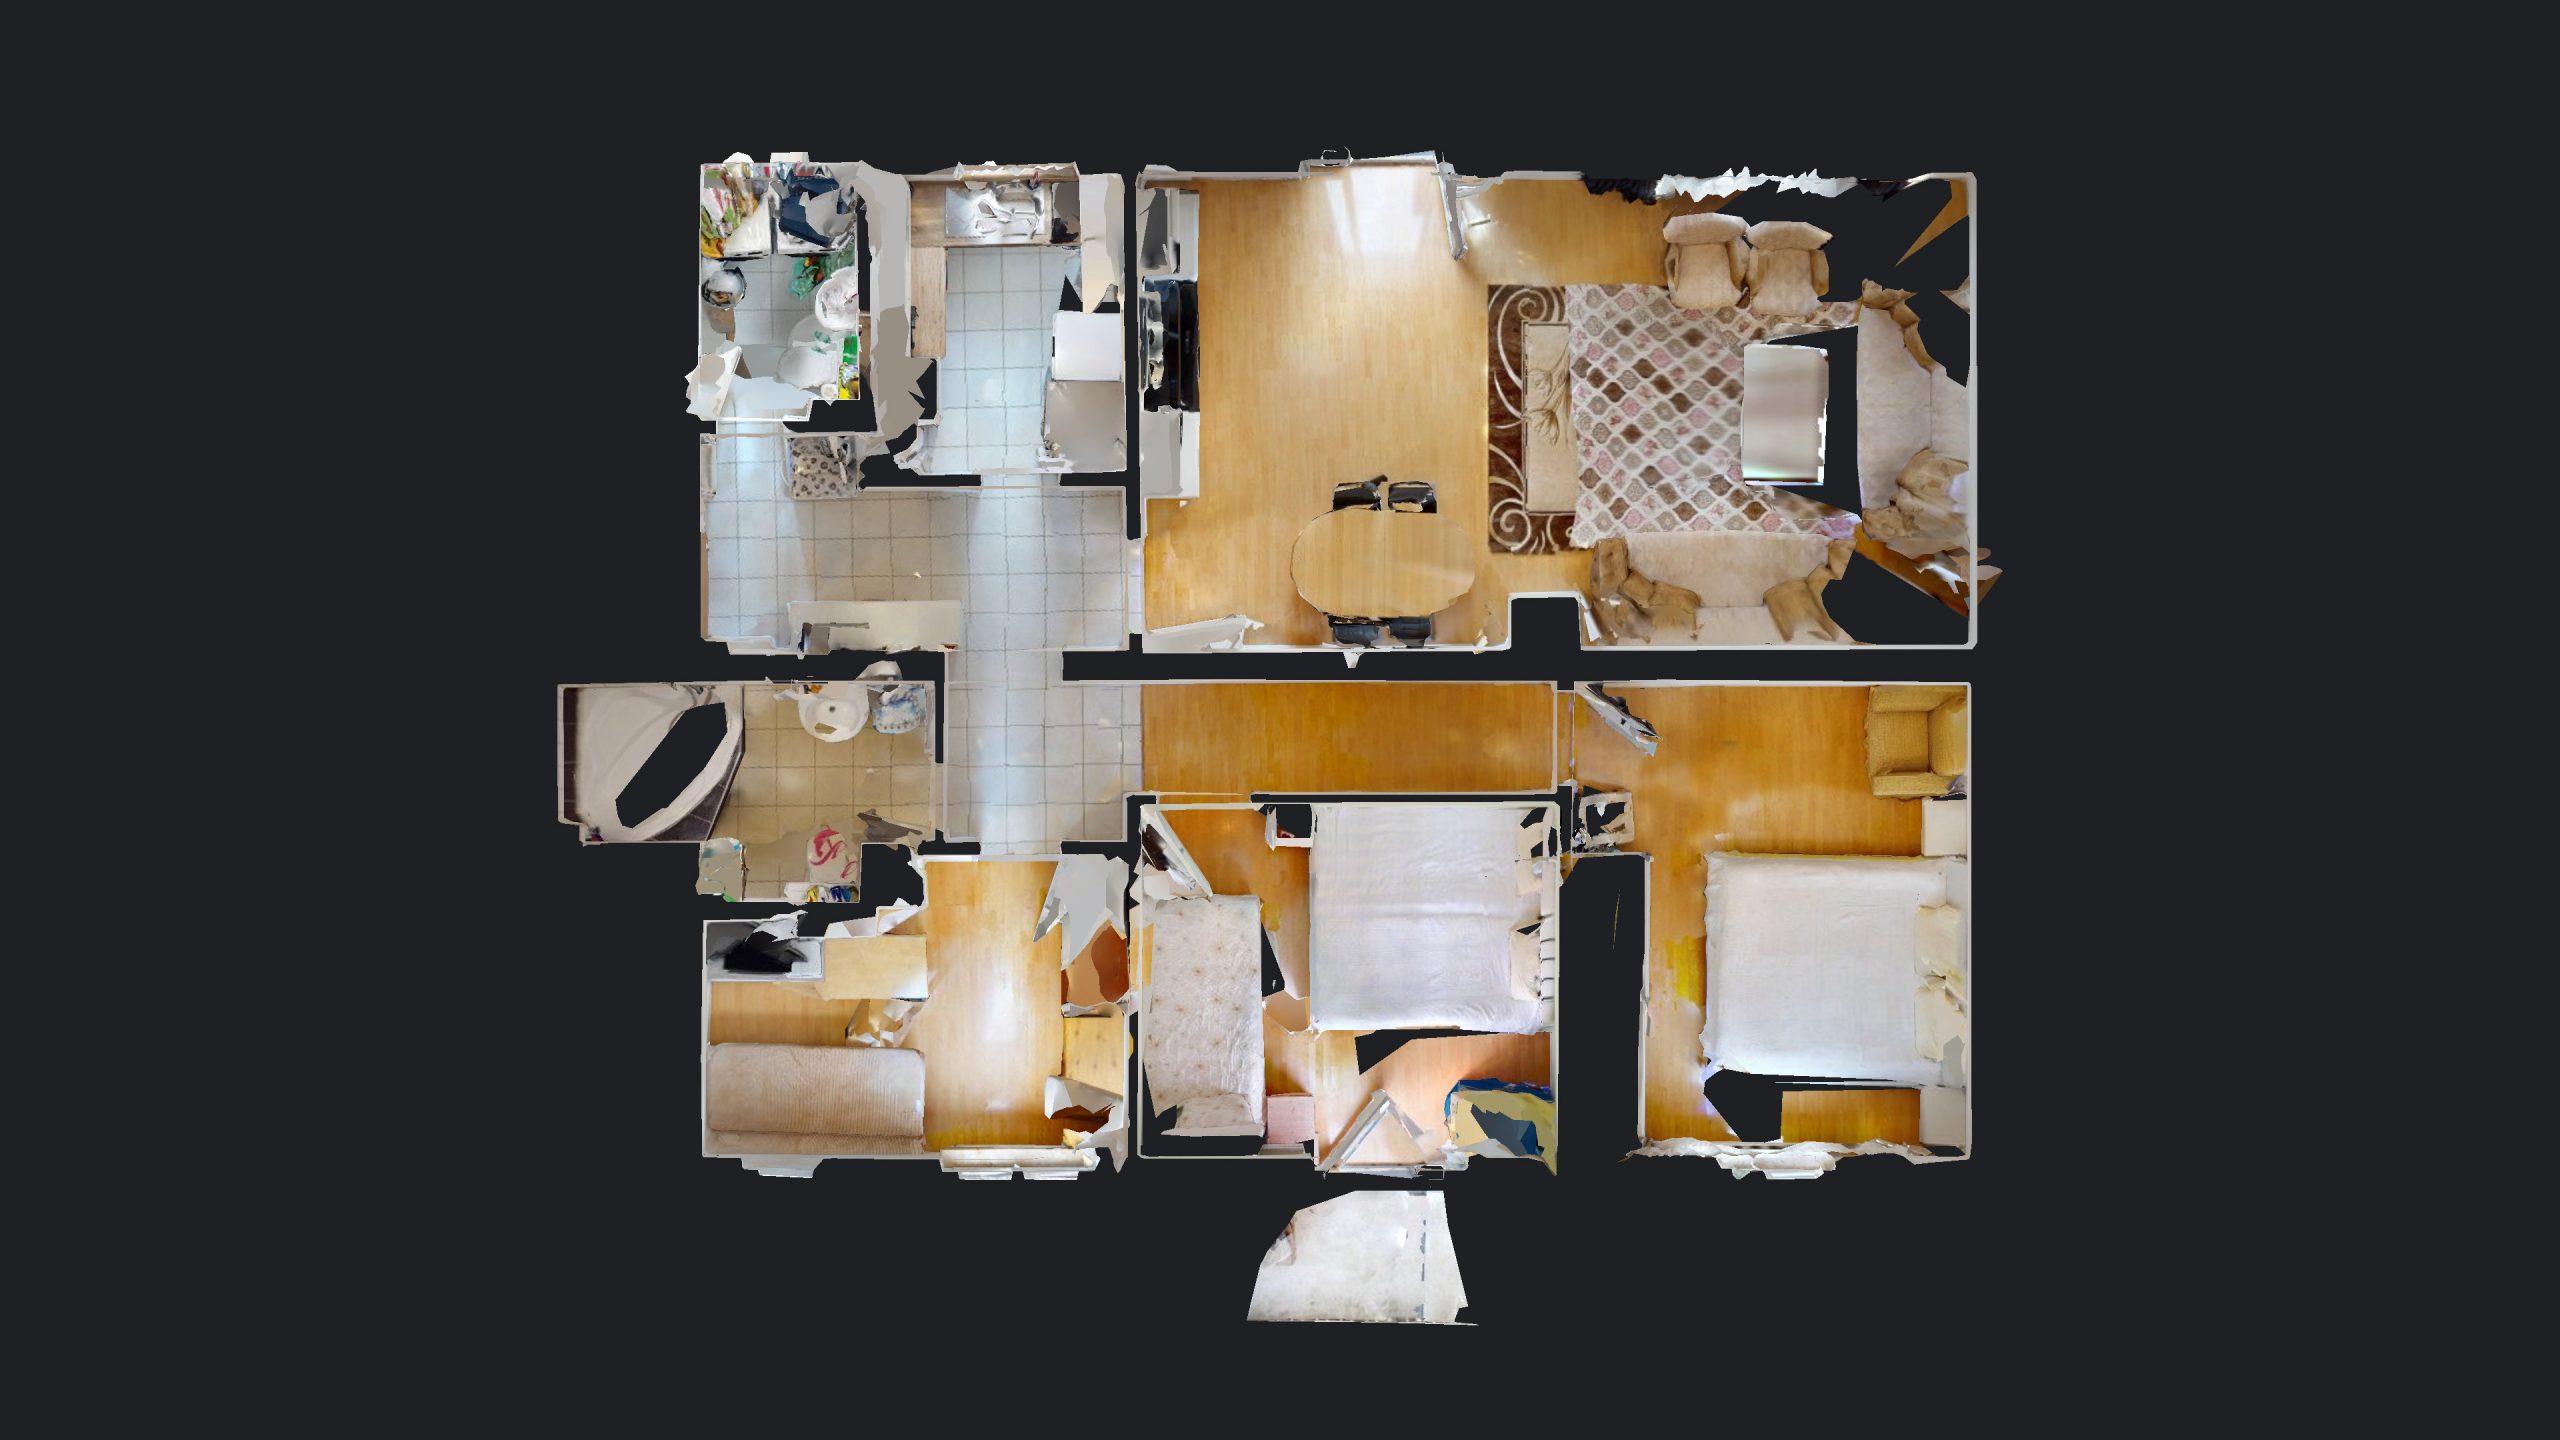 Schone-4-Zimmer-Wohnung-mit-2-Balkonen-und-viel-Platz-in-Altbach-02162021_115314